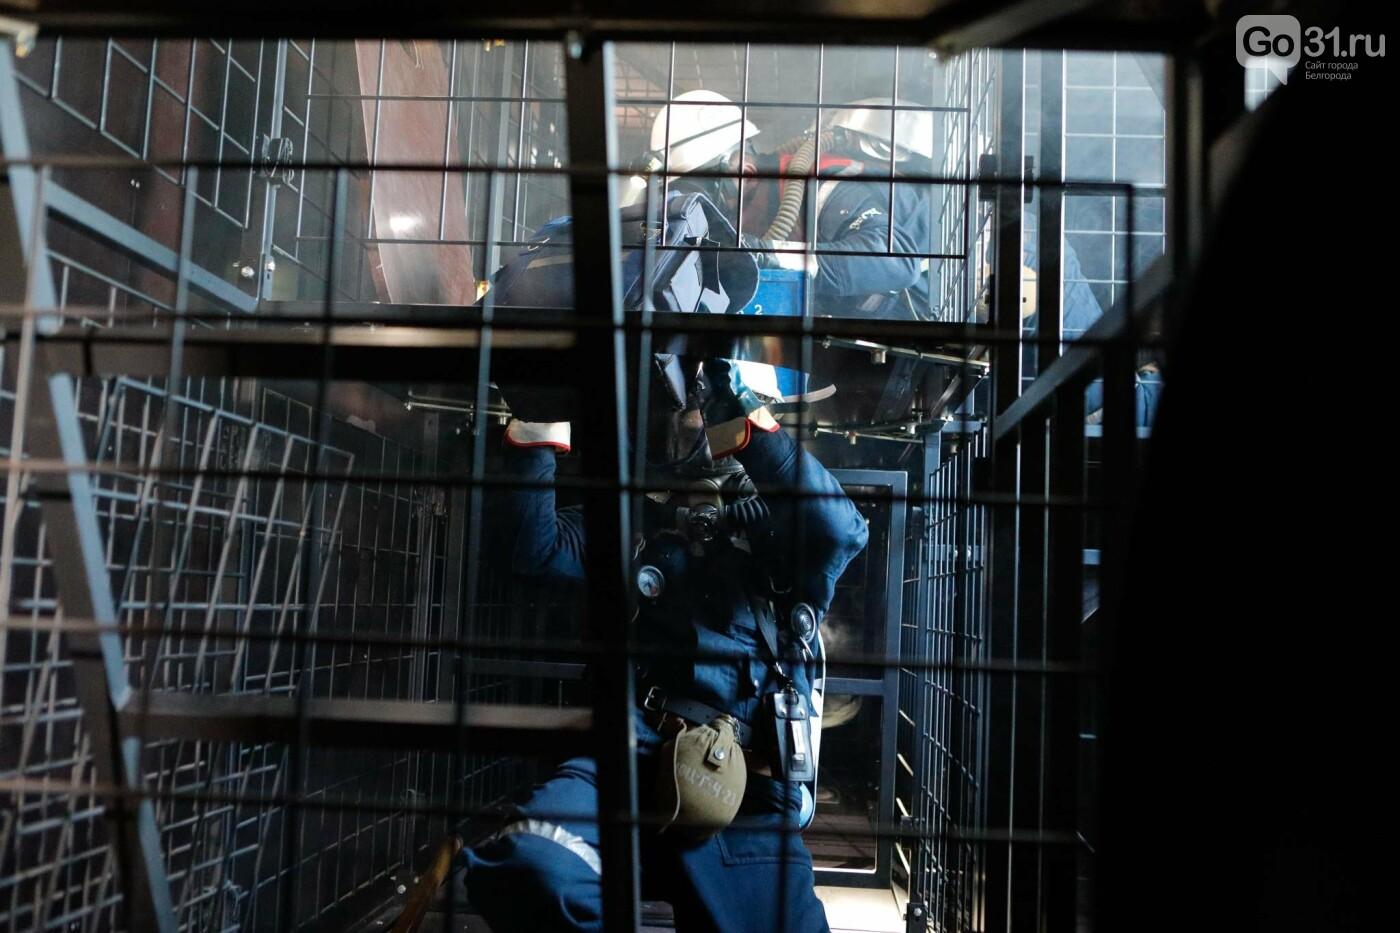 В Белгородской области горноспасатели провели спецоперацию, фото-11